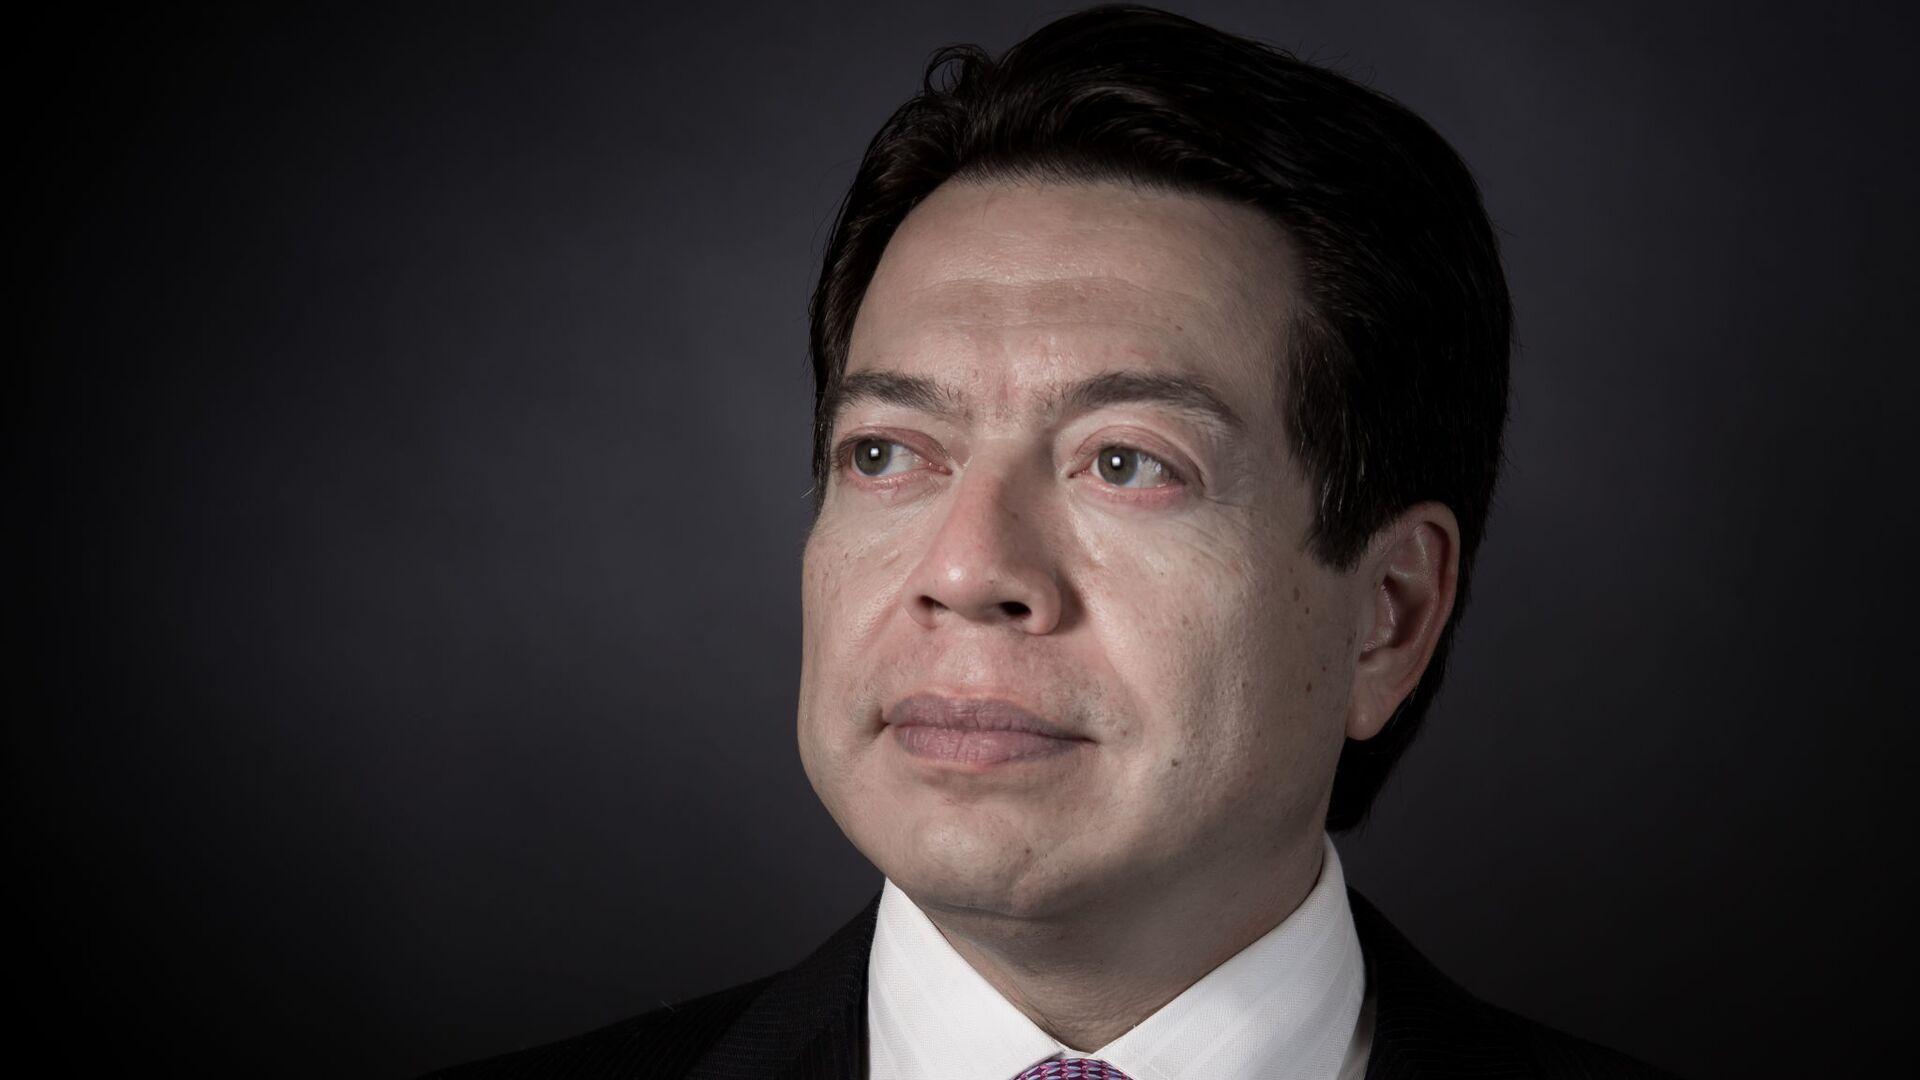 Mario Delgado, diputado de Morena - Sputnik Mundo, 1920, 04.11.2020